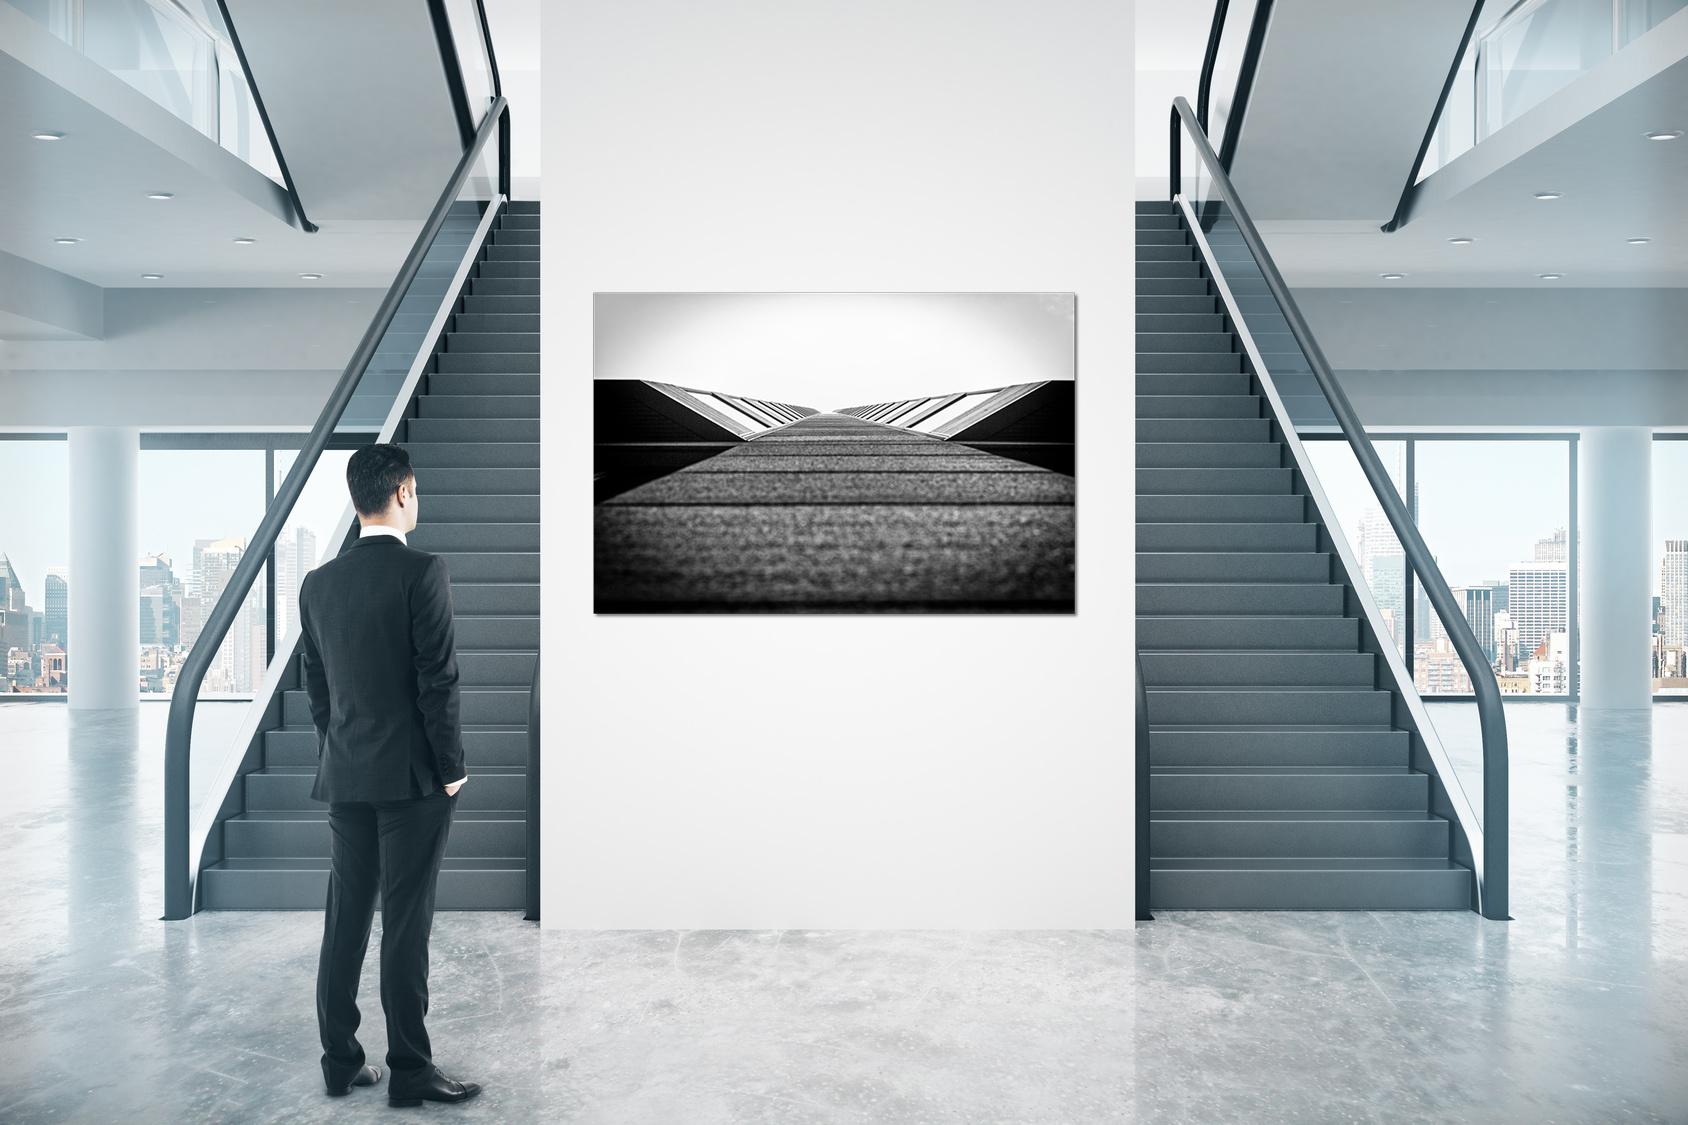 Hängebeispiel / Hanging examples